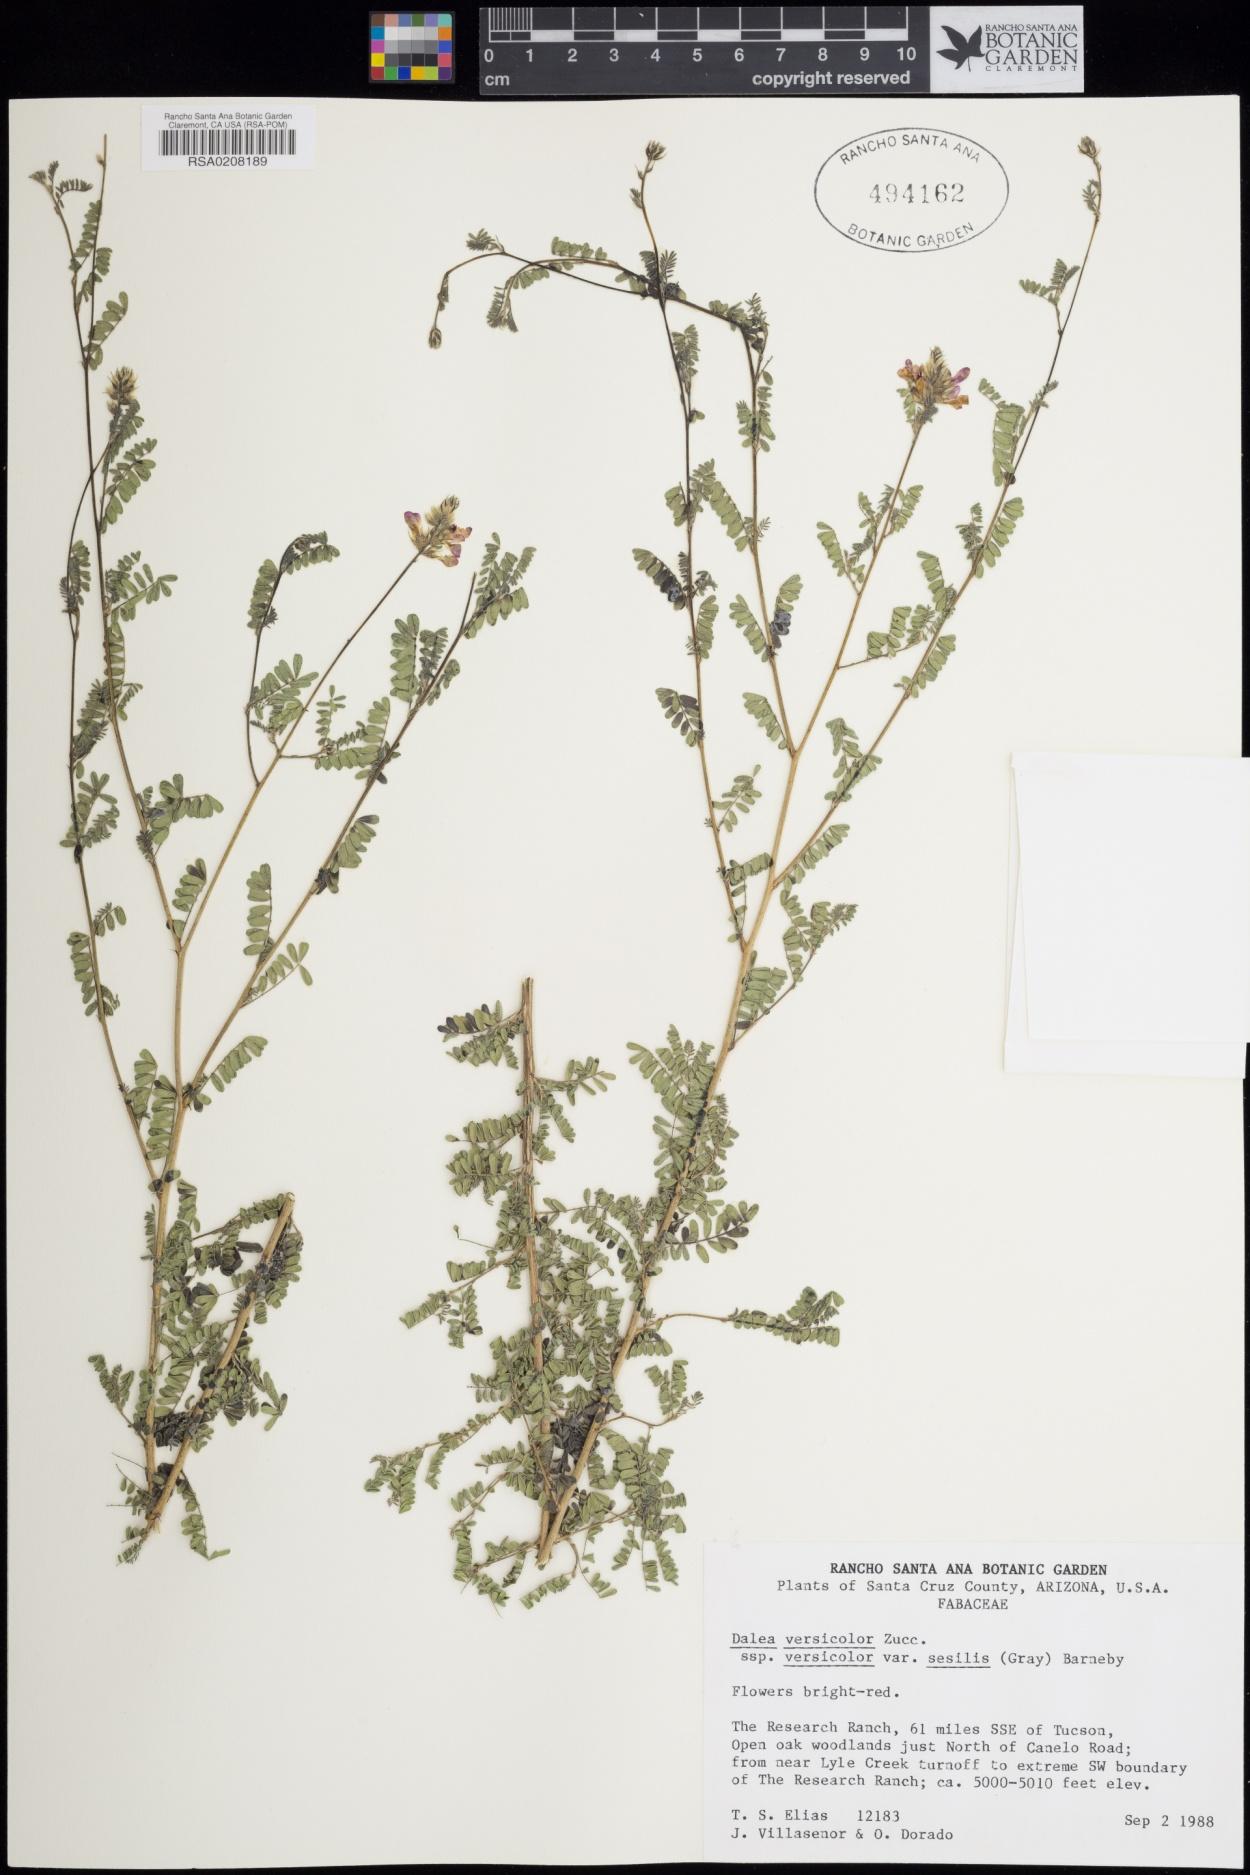 Dalea versicolor subsp. versicolor image